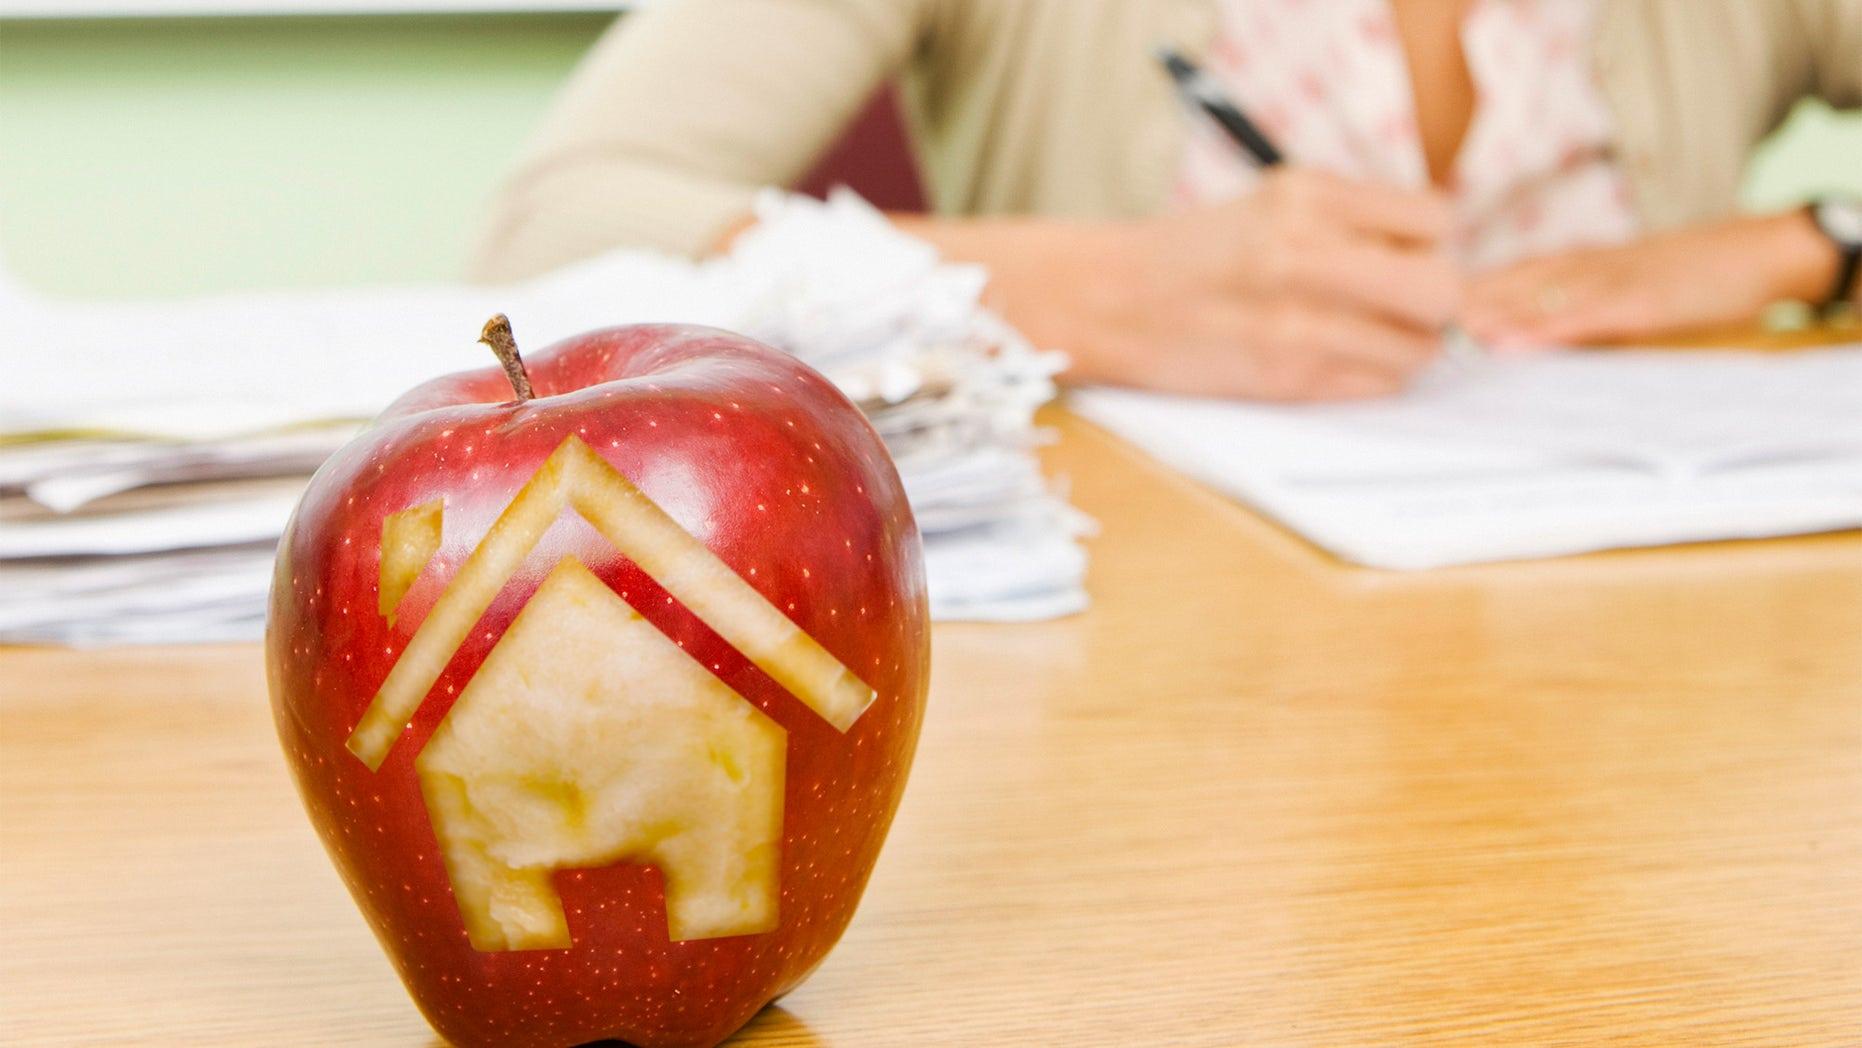 house carved into teacher's apple